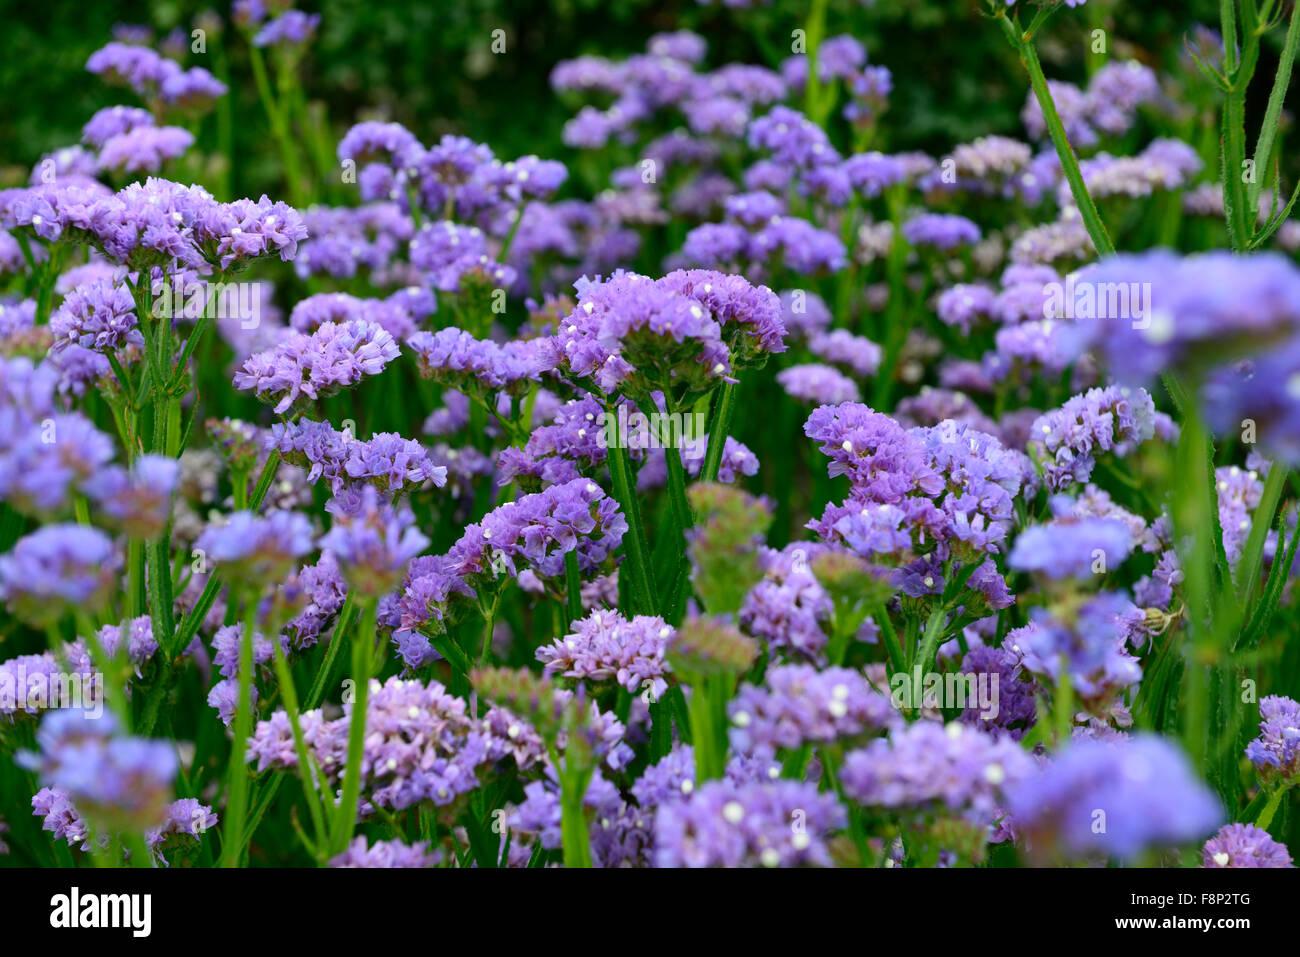 limonium sinuatum sky blue Statice annual annuals flowers flowering Stock Pho